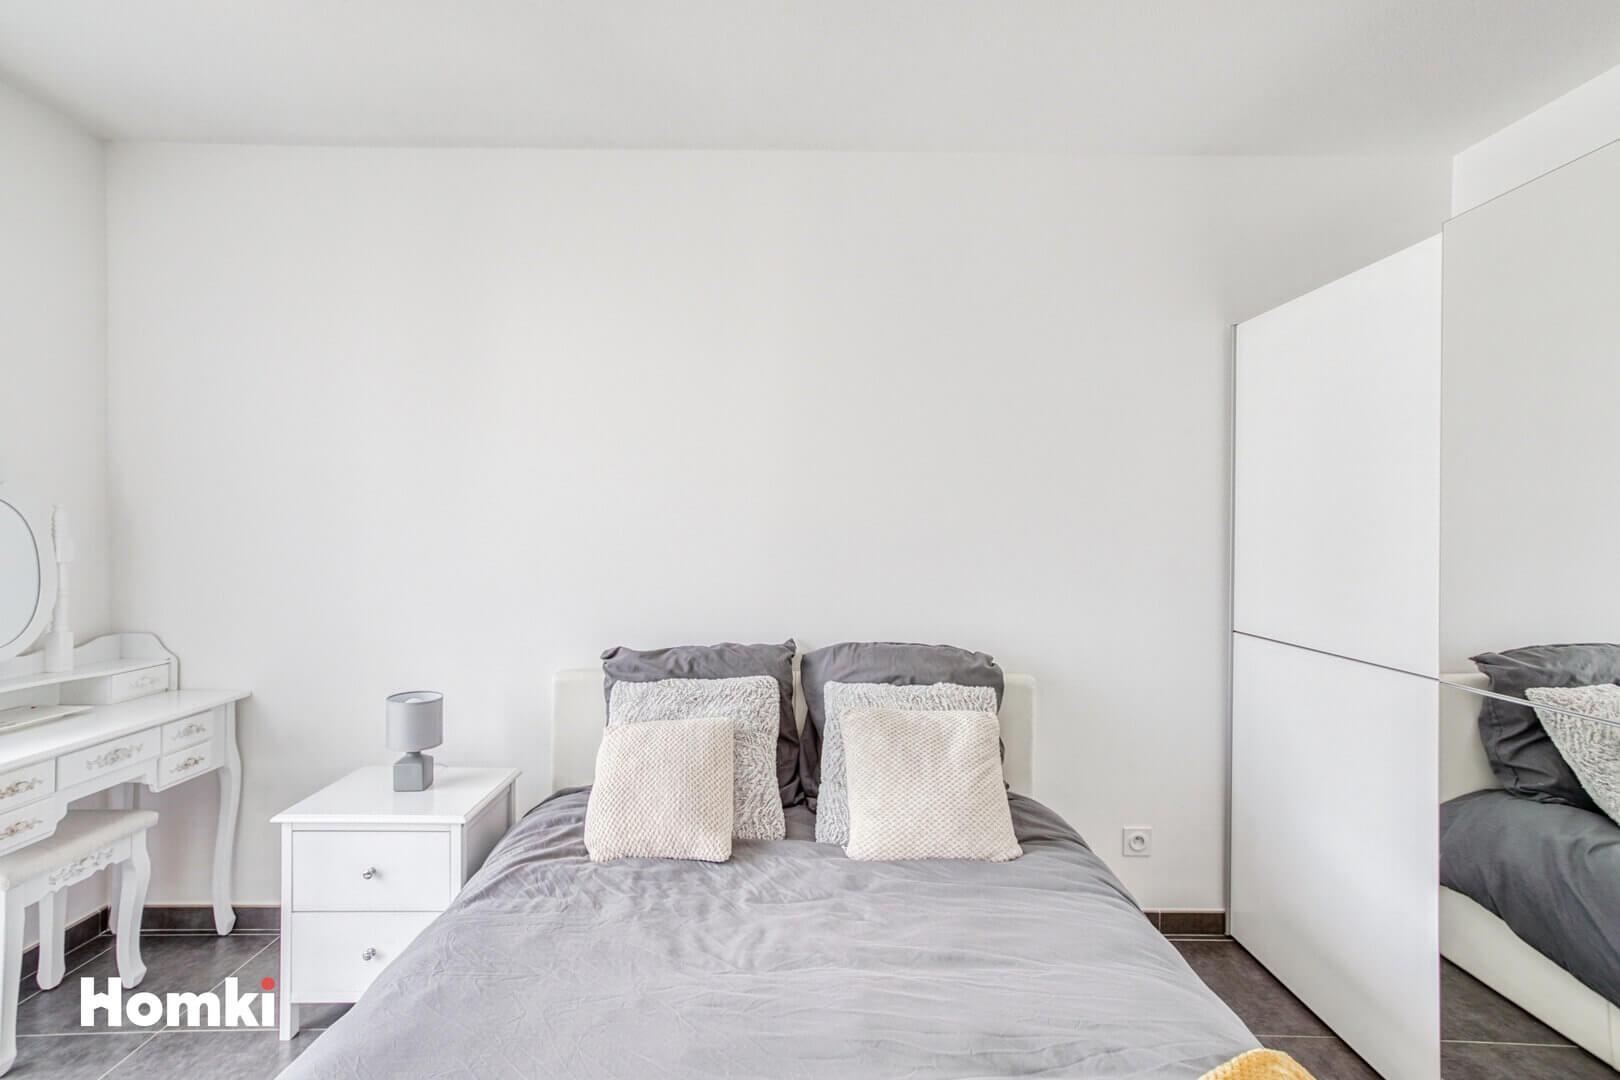 Homki - Vente Appartement  de 59.0 m² à Vénissieux 69200